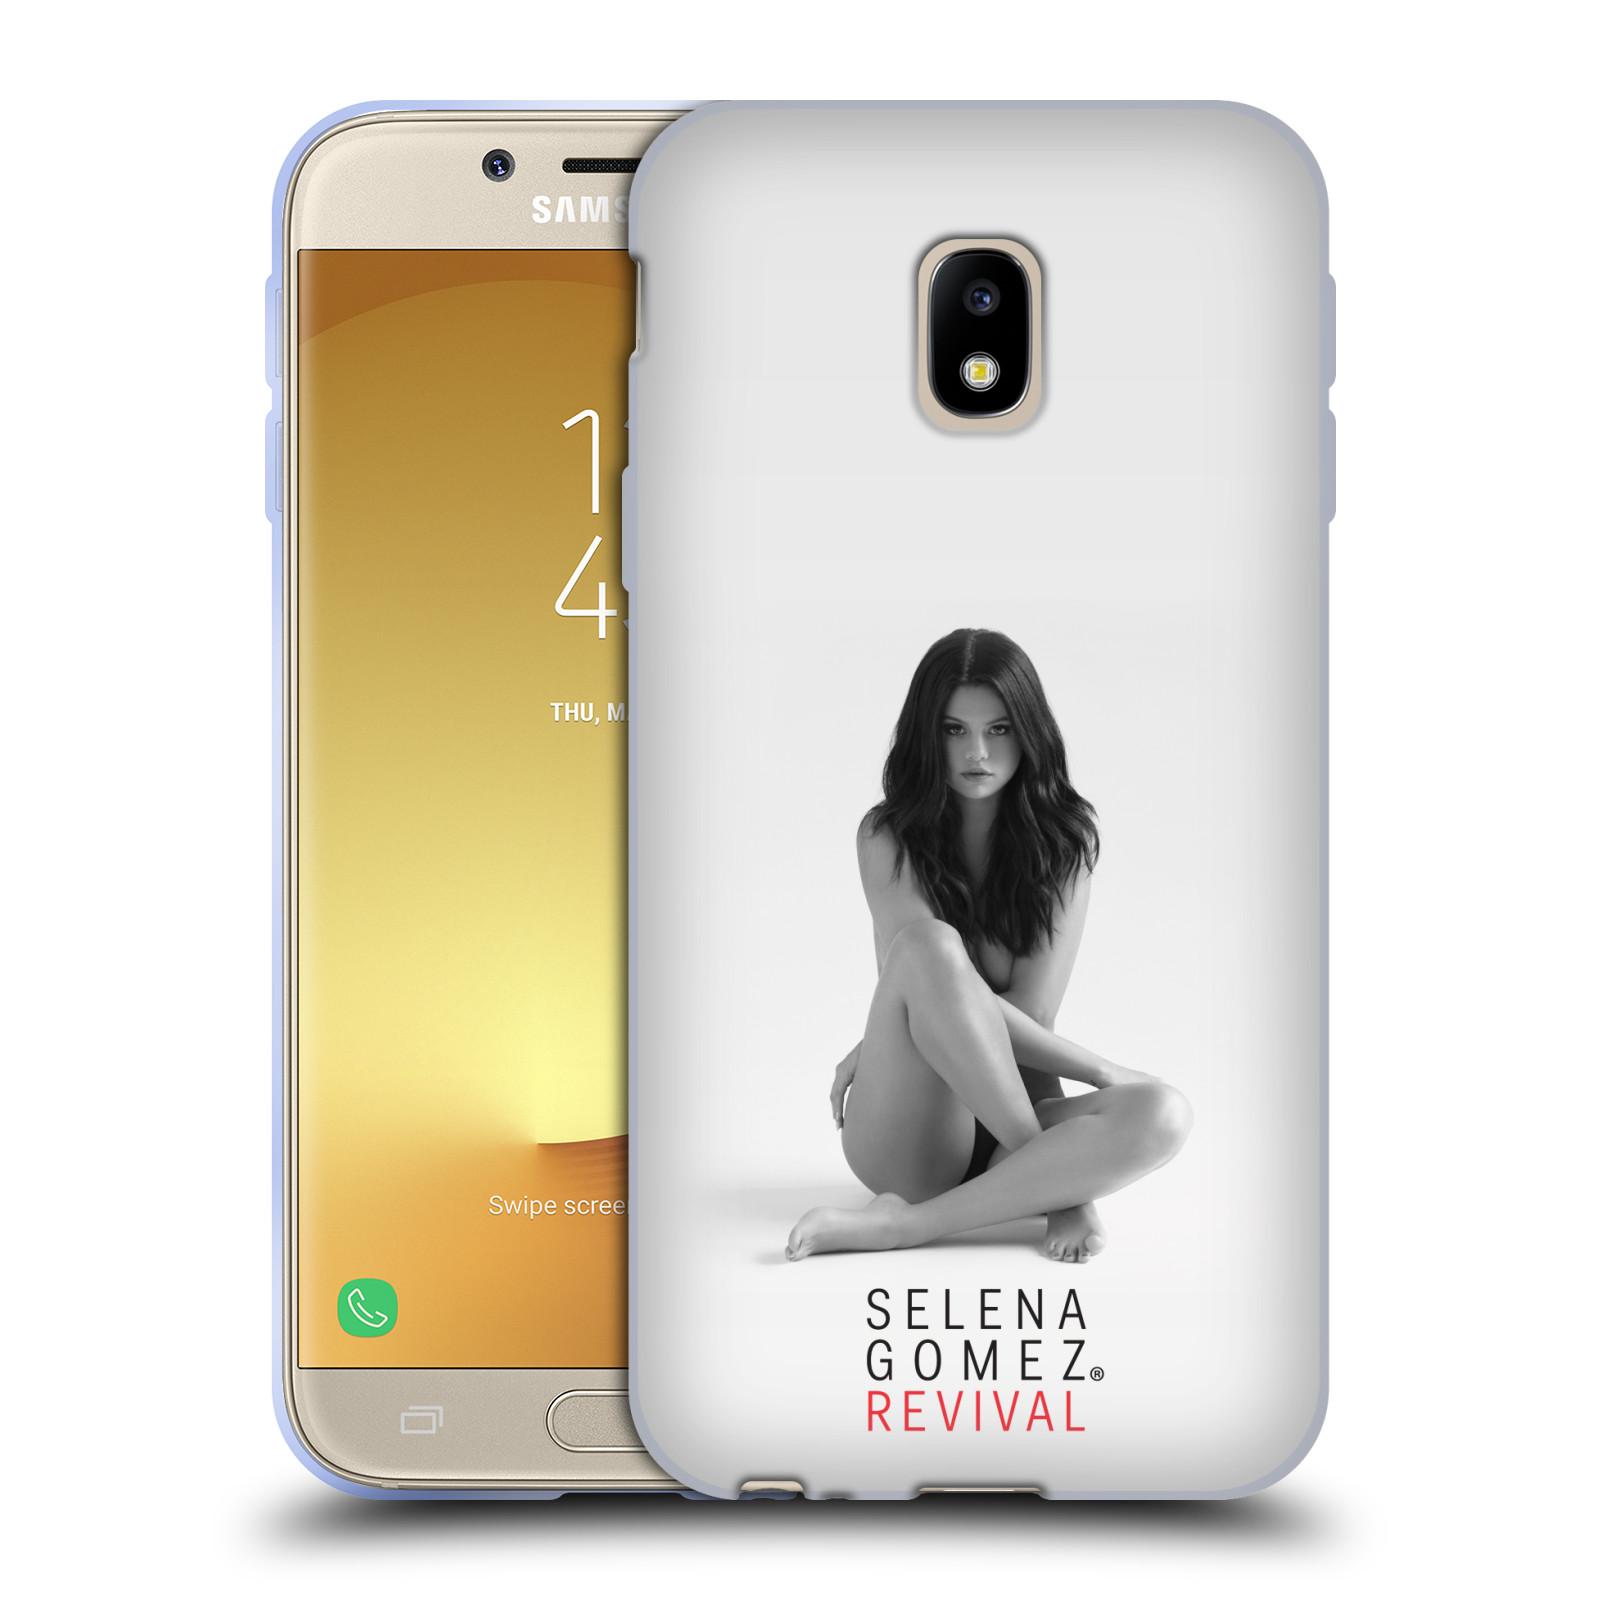 HEAD CASE silikonový obal na mobil Samsung Galaxy J3 2017 (J330, J330F) Zpěvačka Selena Gomez foto Revival